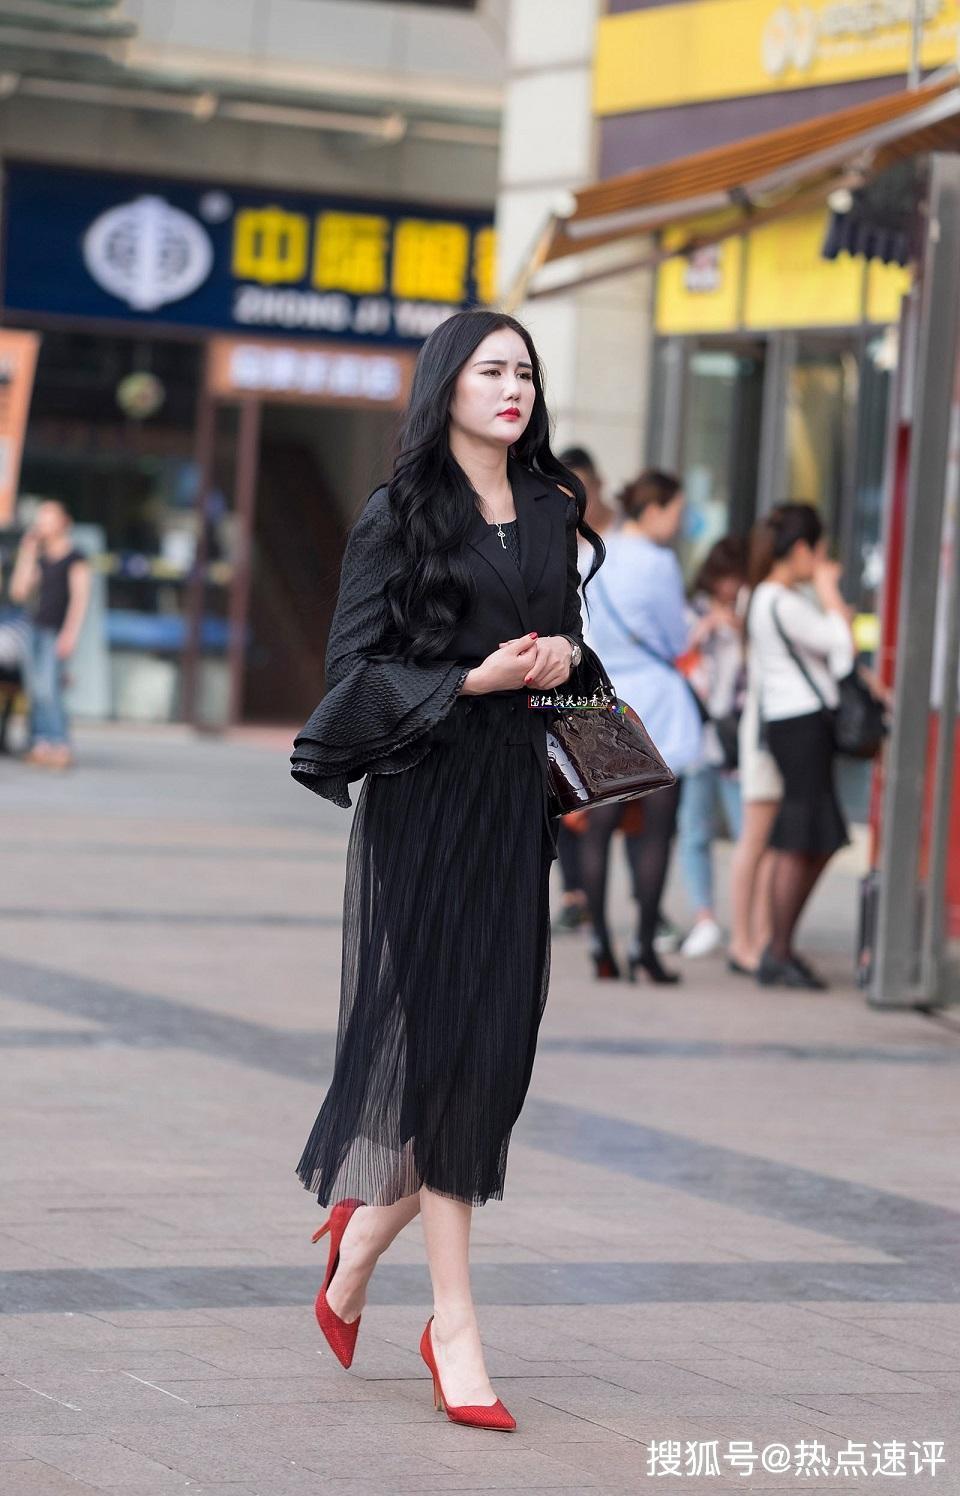 少妇自拍嫩b_街拍:黑色长裙红高跟气质少妇,气场很足吸睛无数